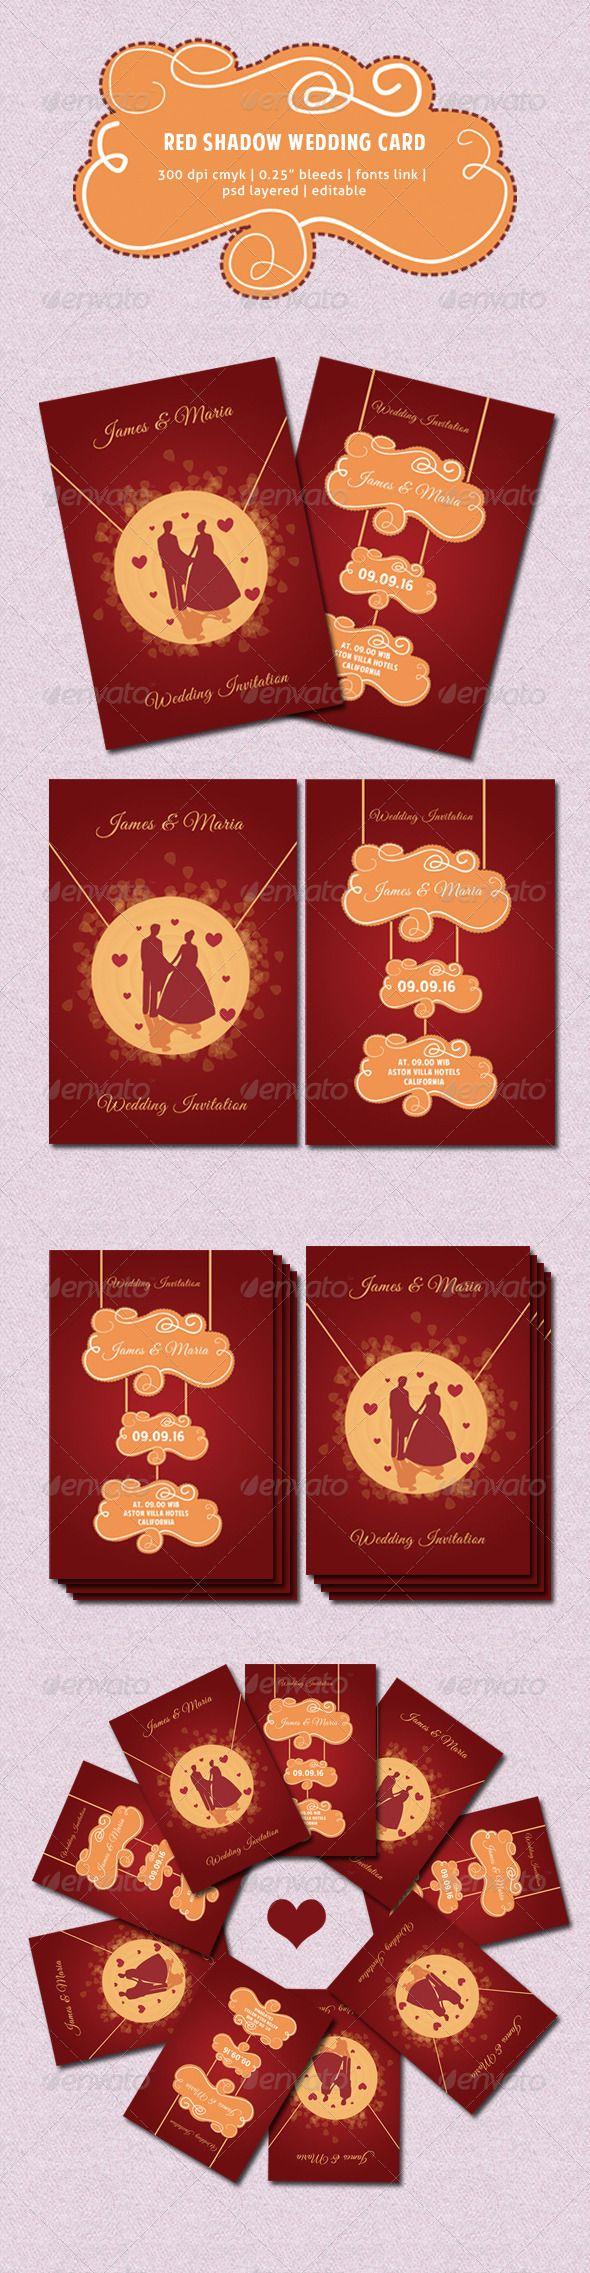 Red Shadow Wedding Card